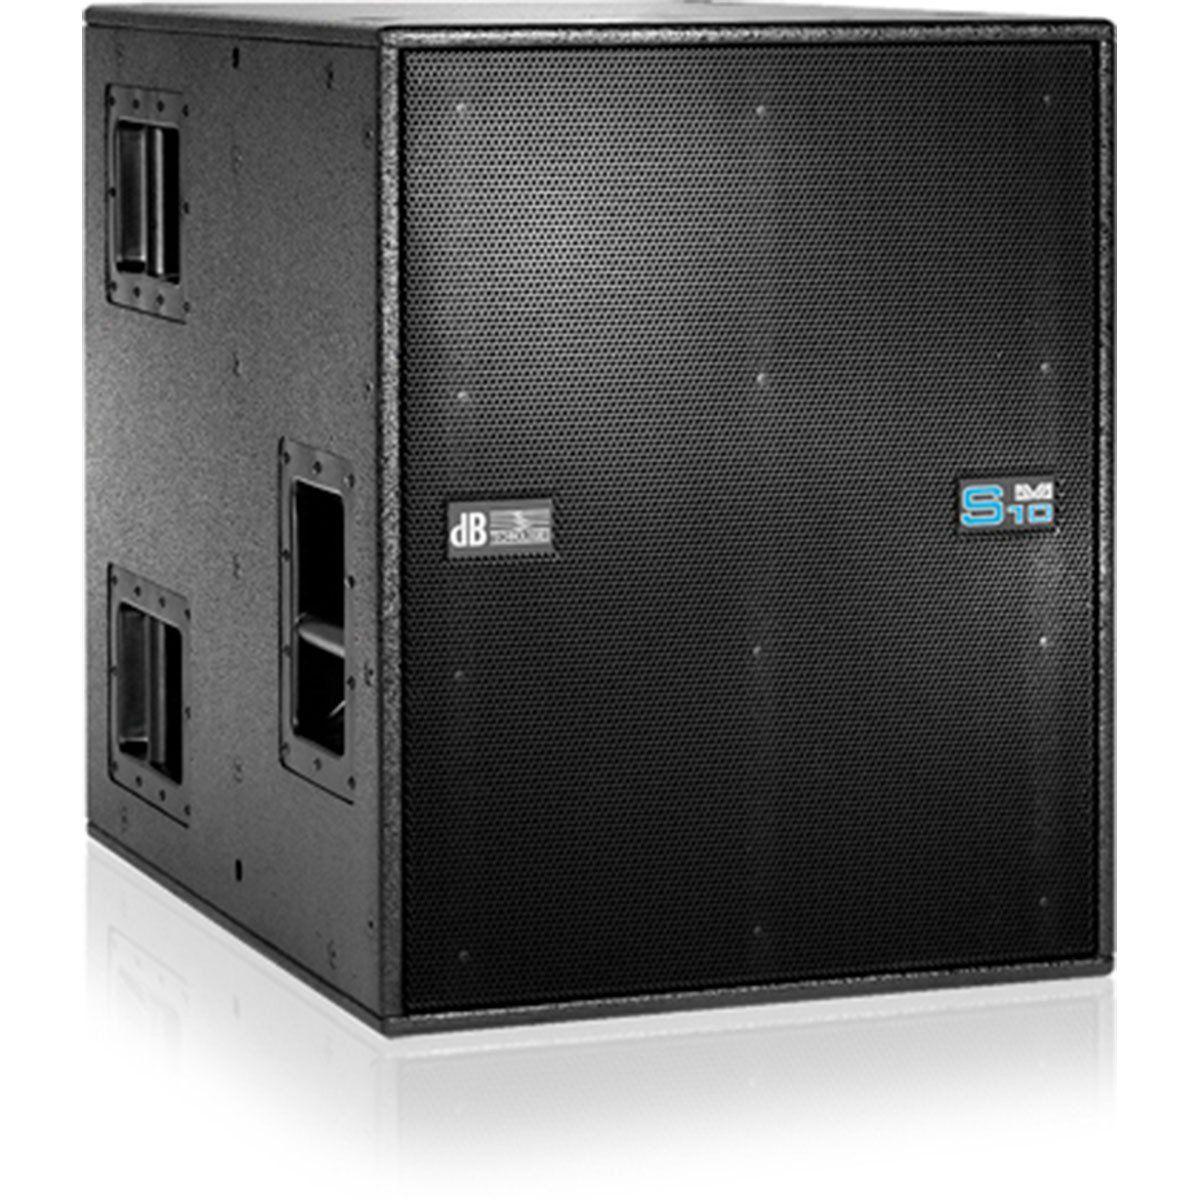 dB Technologies DVA S10DP Caixa de Som DVA S-10-DP Ativa 1000W Ceramic Subwoofer